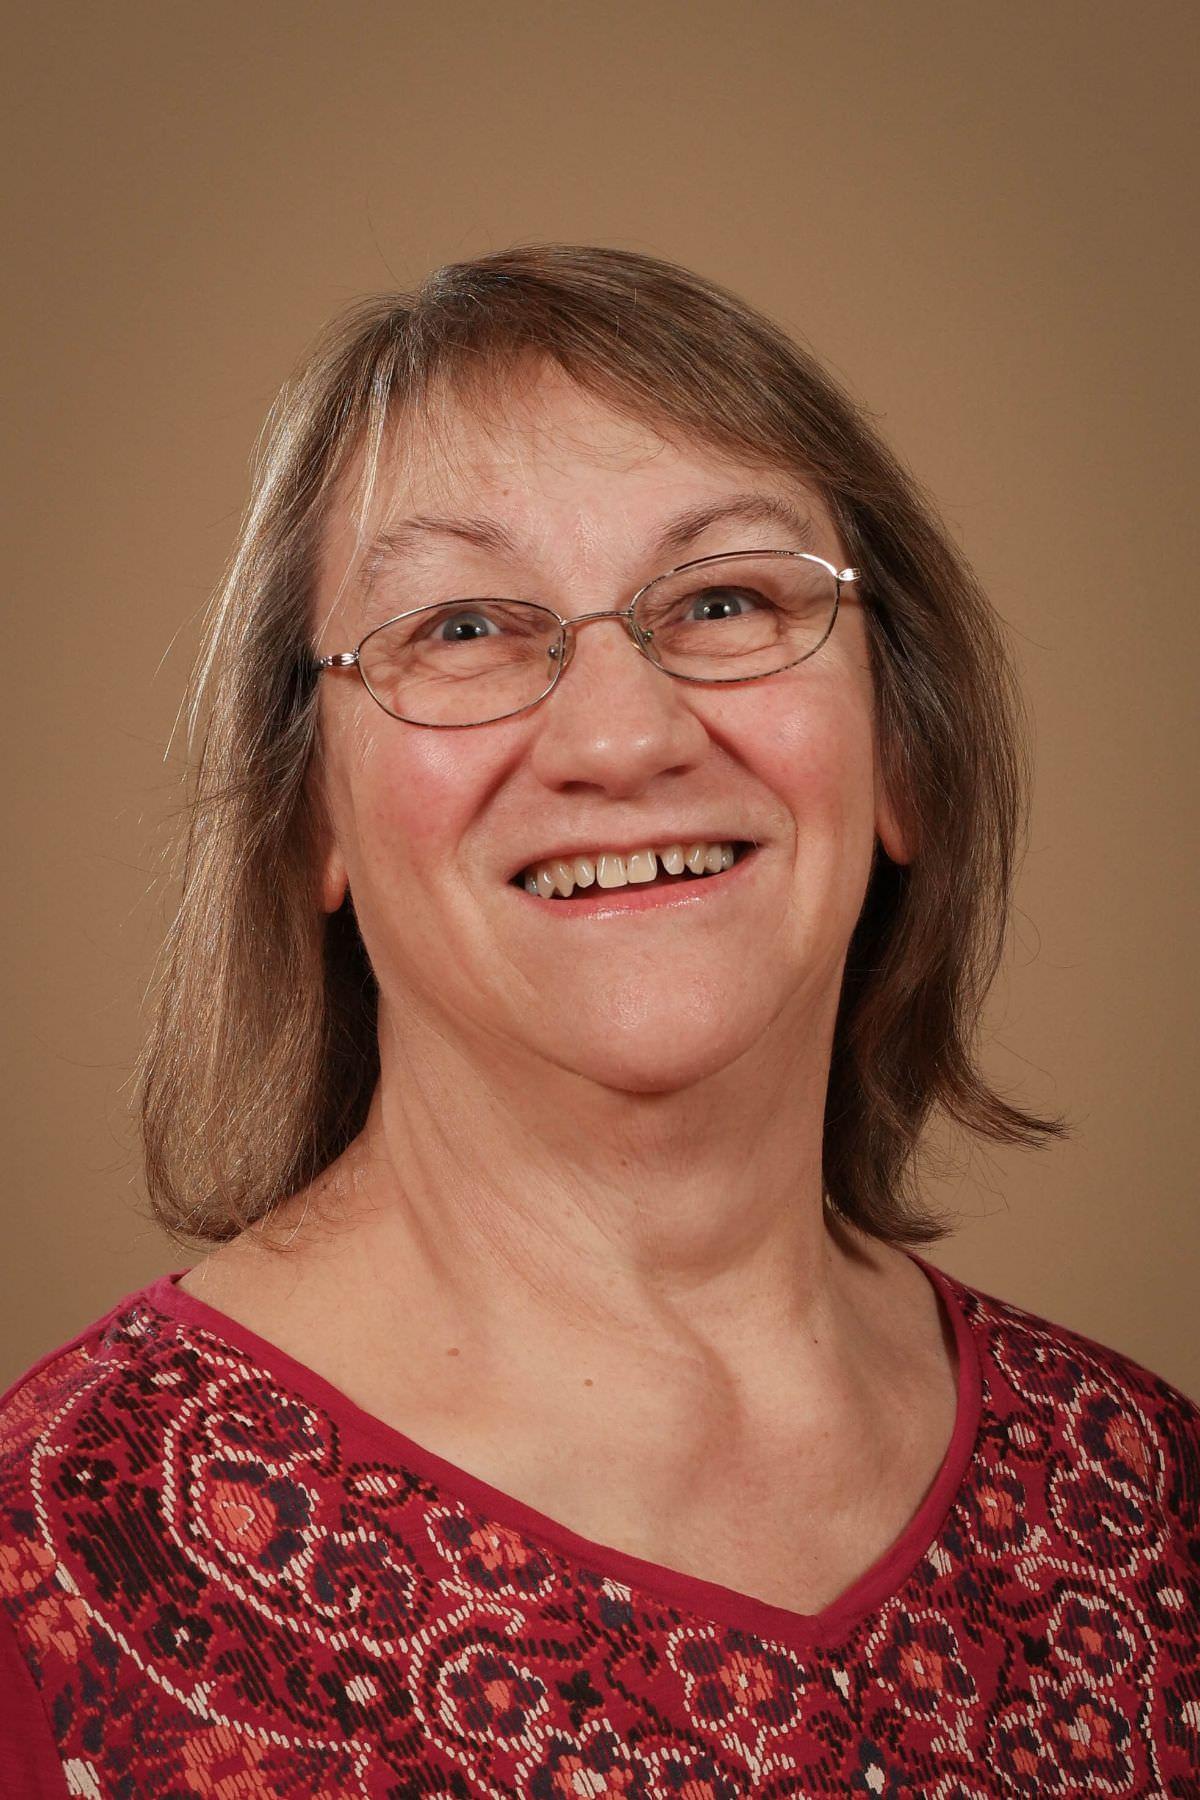 Bonnie Mertz